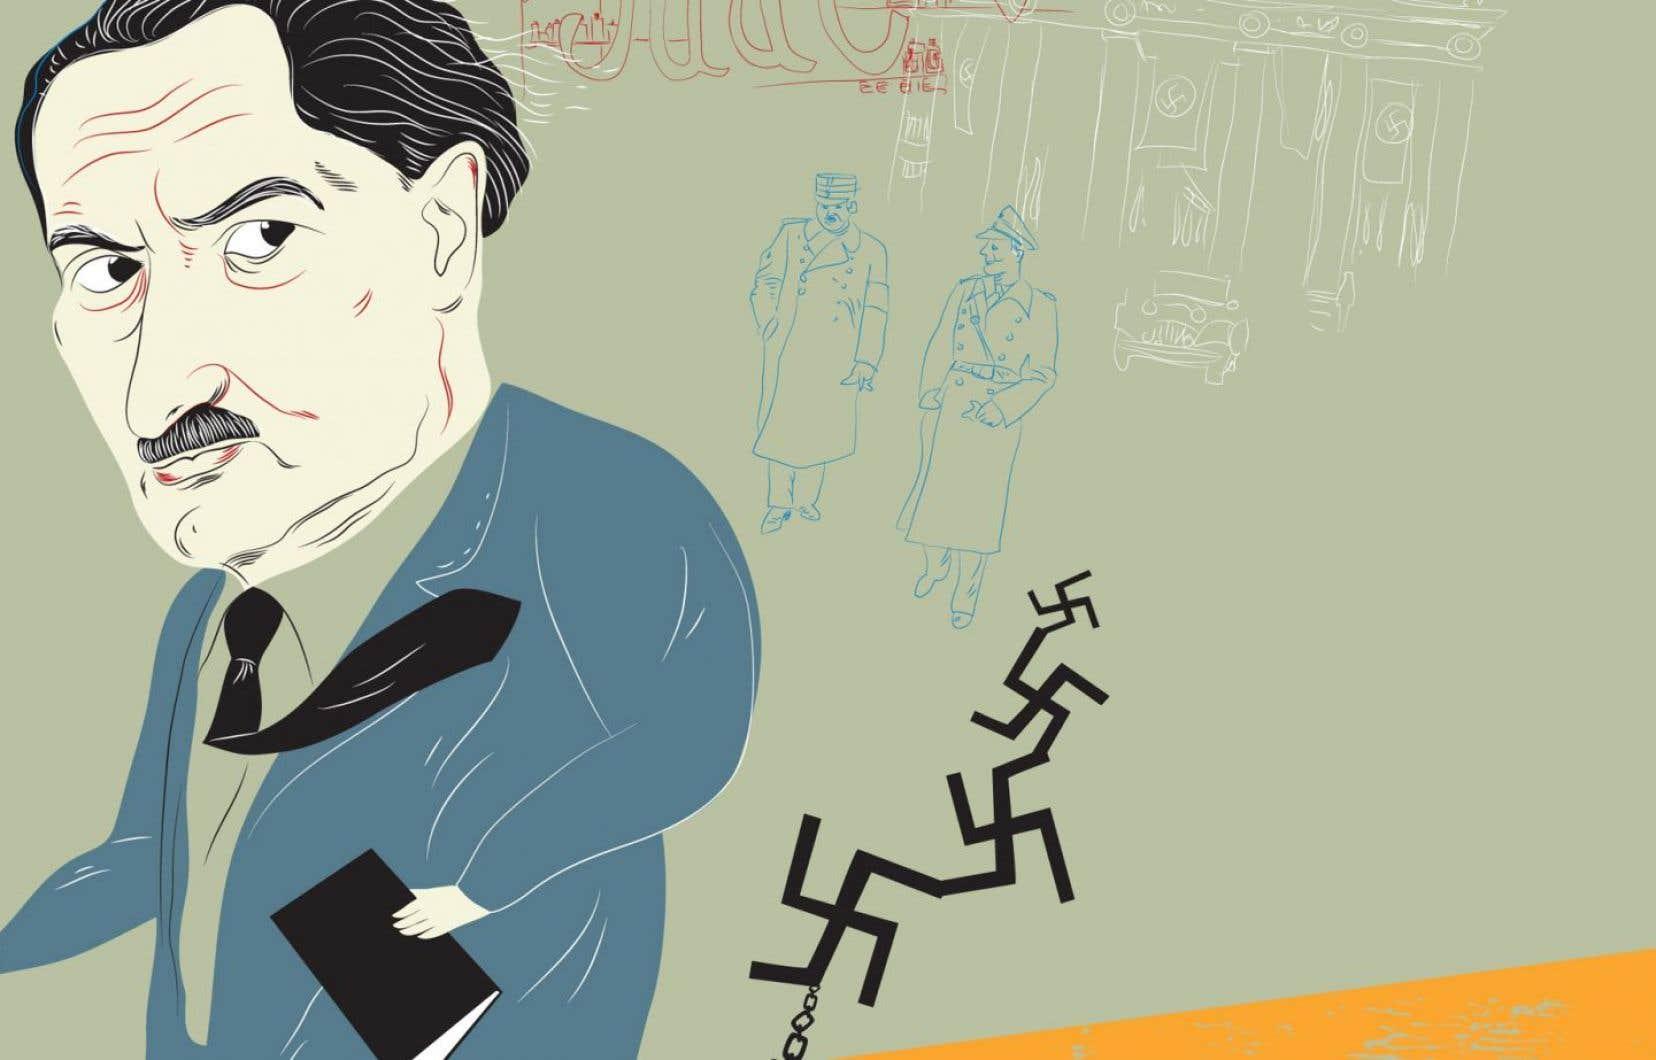 Ce que l'on peut reprocher à Heidegger, c'est sa naïveté et son absence de sens politique: le tournant spirituel dont il rêvait n'était pas du tout celui que les nazis mettaient en œuvre. Il s'en est rendu compte au plus tard en 1938.